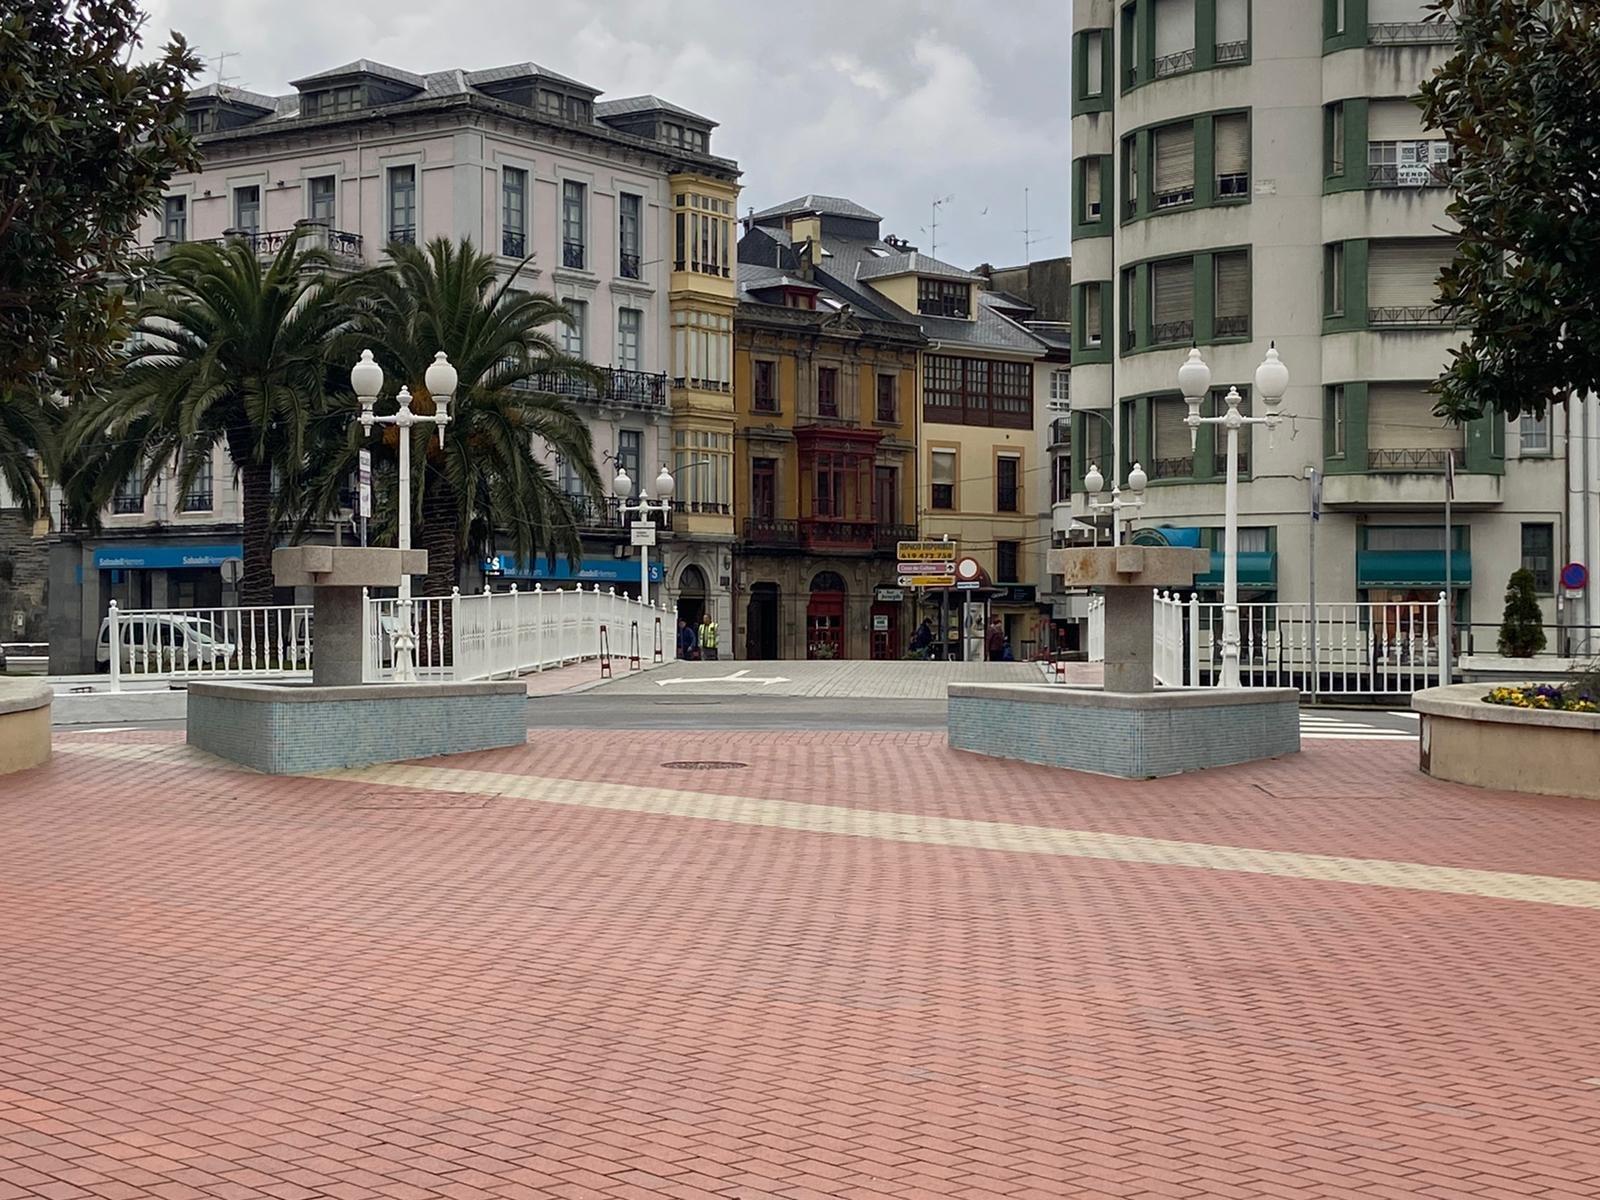 Valdés desmontará las dos fuentes ubicadas en la Plaza Alfonso X El Sabio